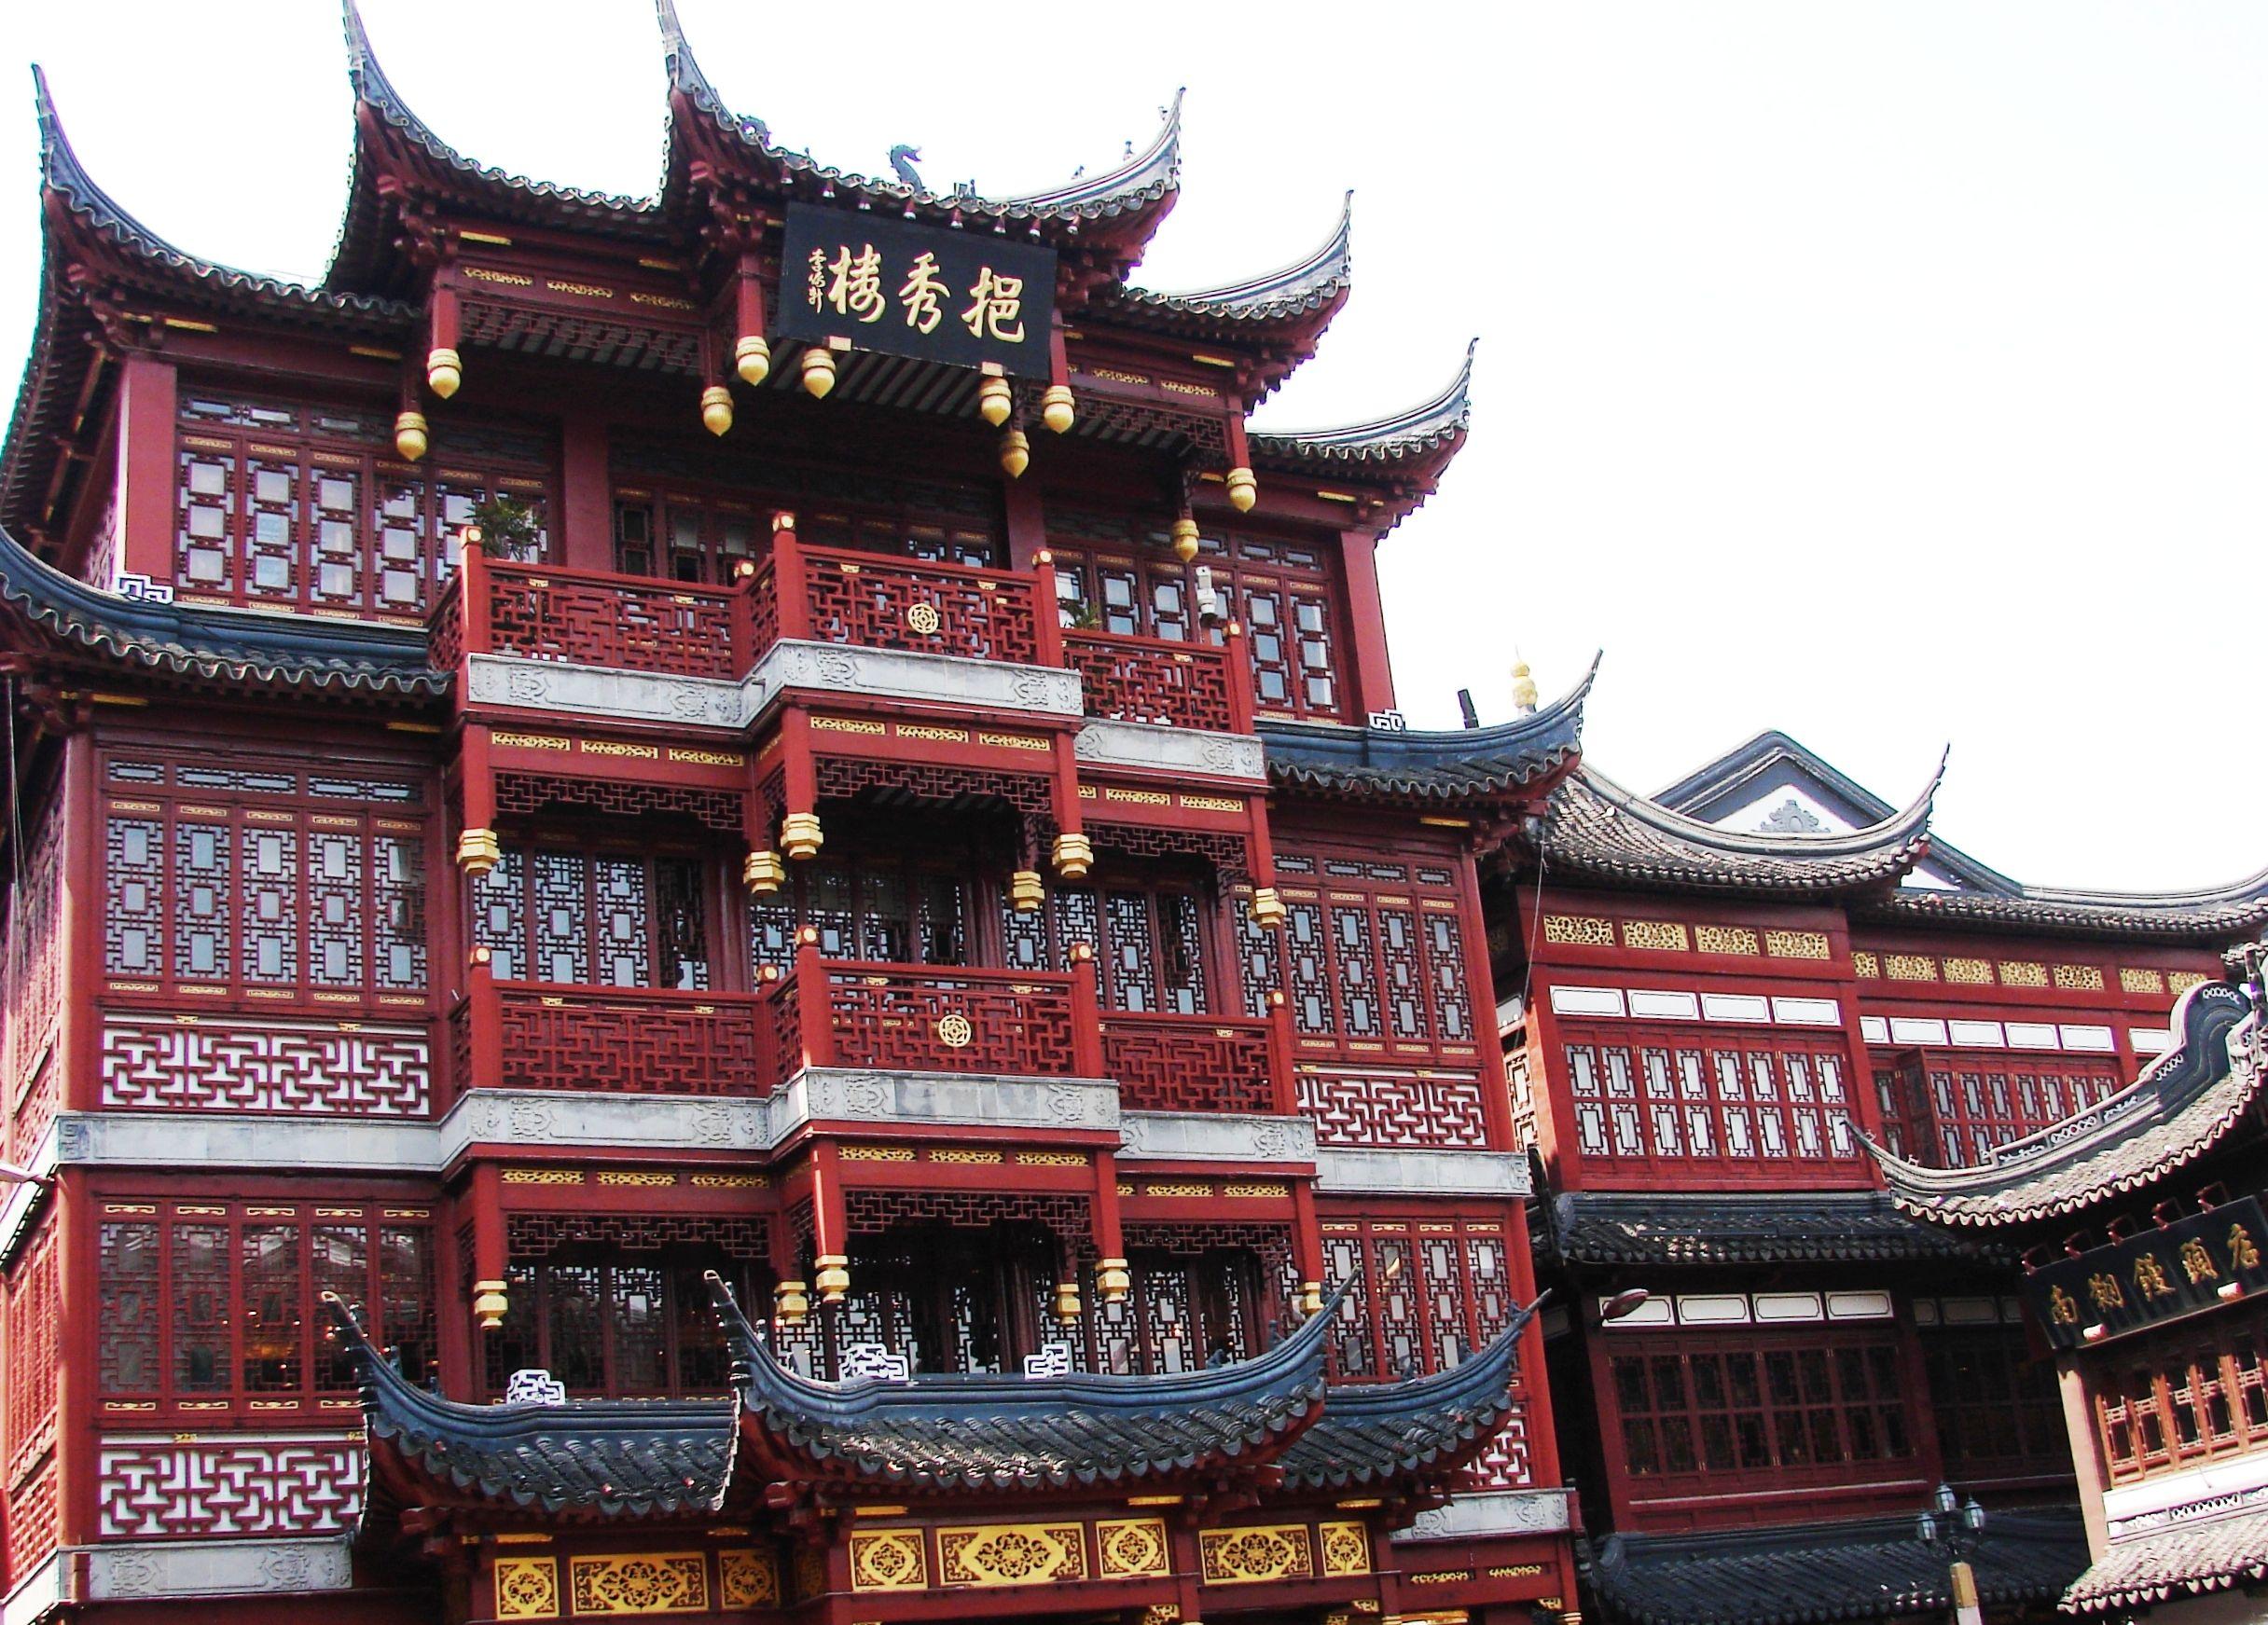 feng shui taoísmo construcciones chinas elementos mitológicos